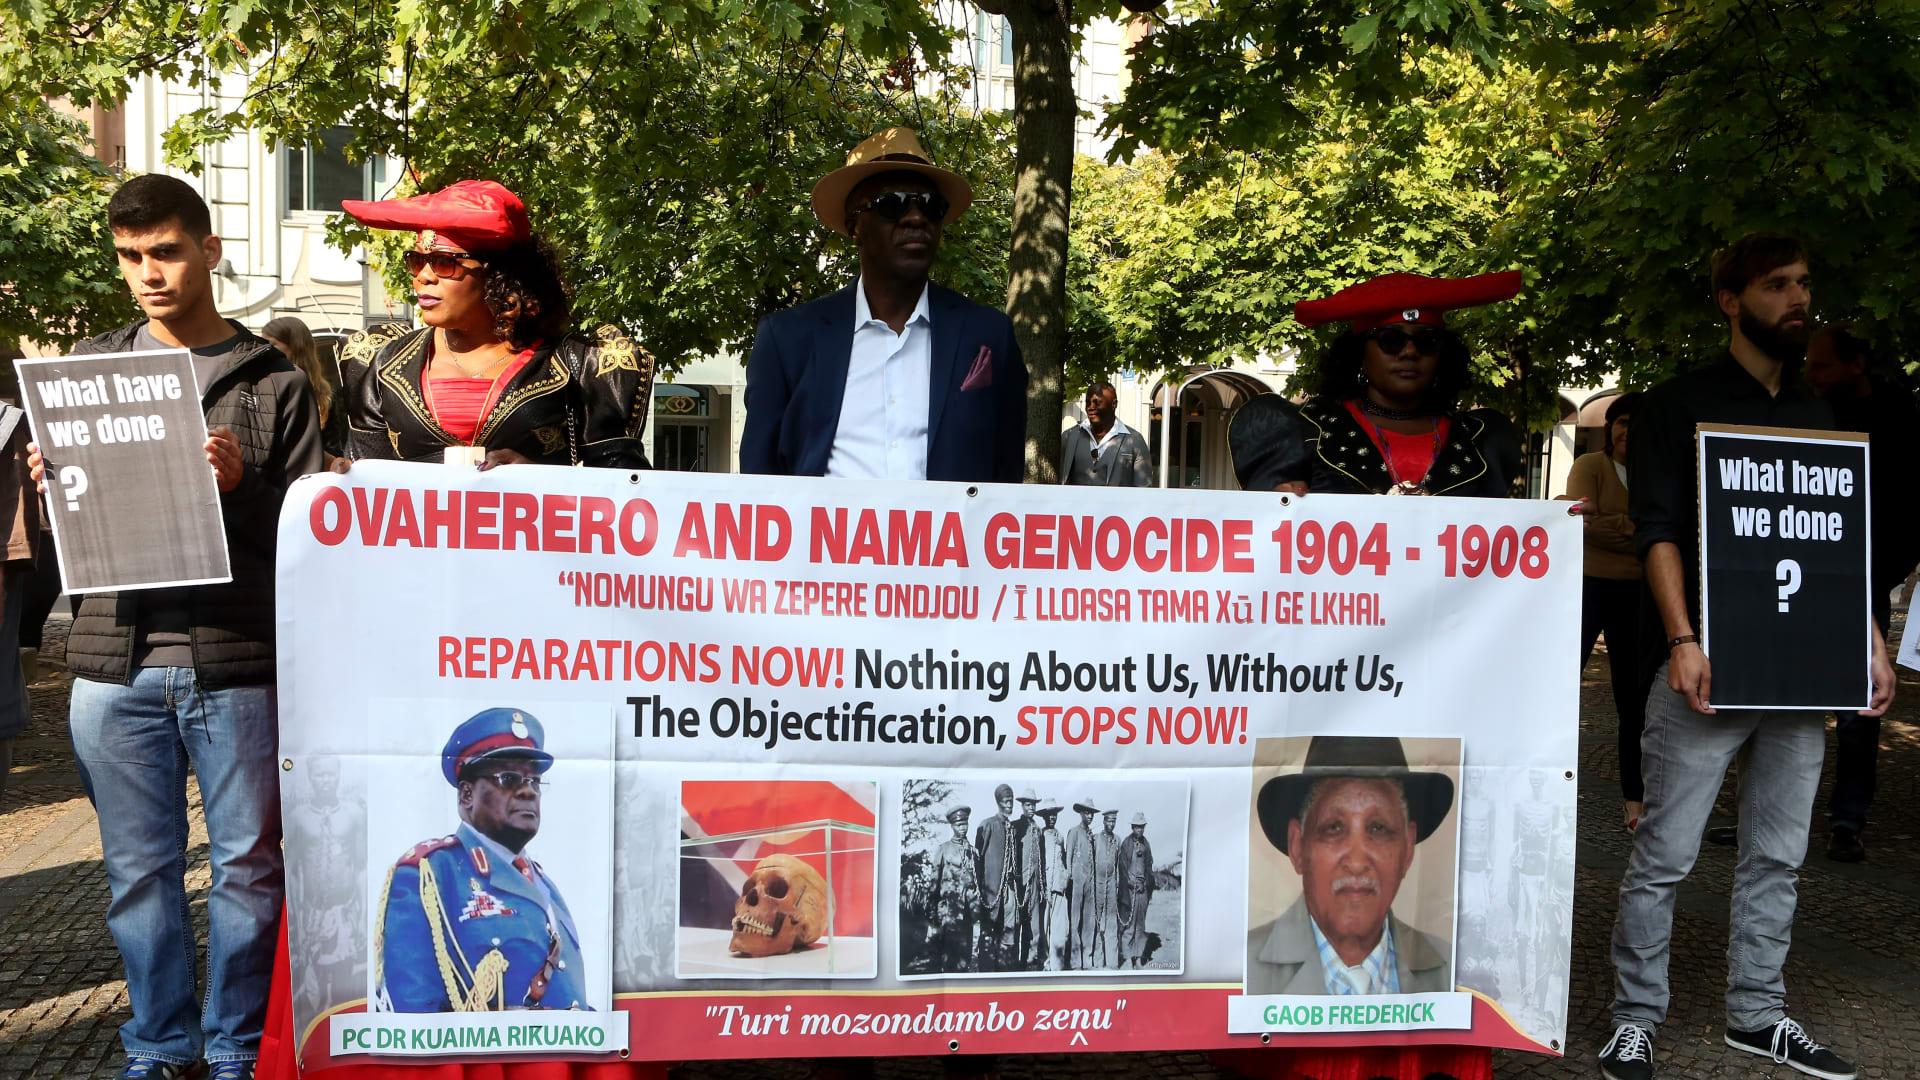 حضور وفد ناميبيا مراسم إعادة جماجم ناميبيا من الحملة القاتلة التي شنتها الإمبراطورية الألمانية في 1904-1908